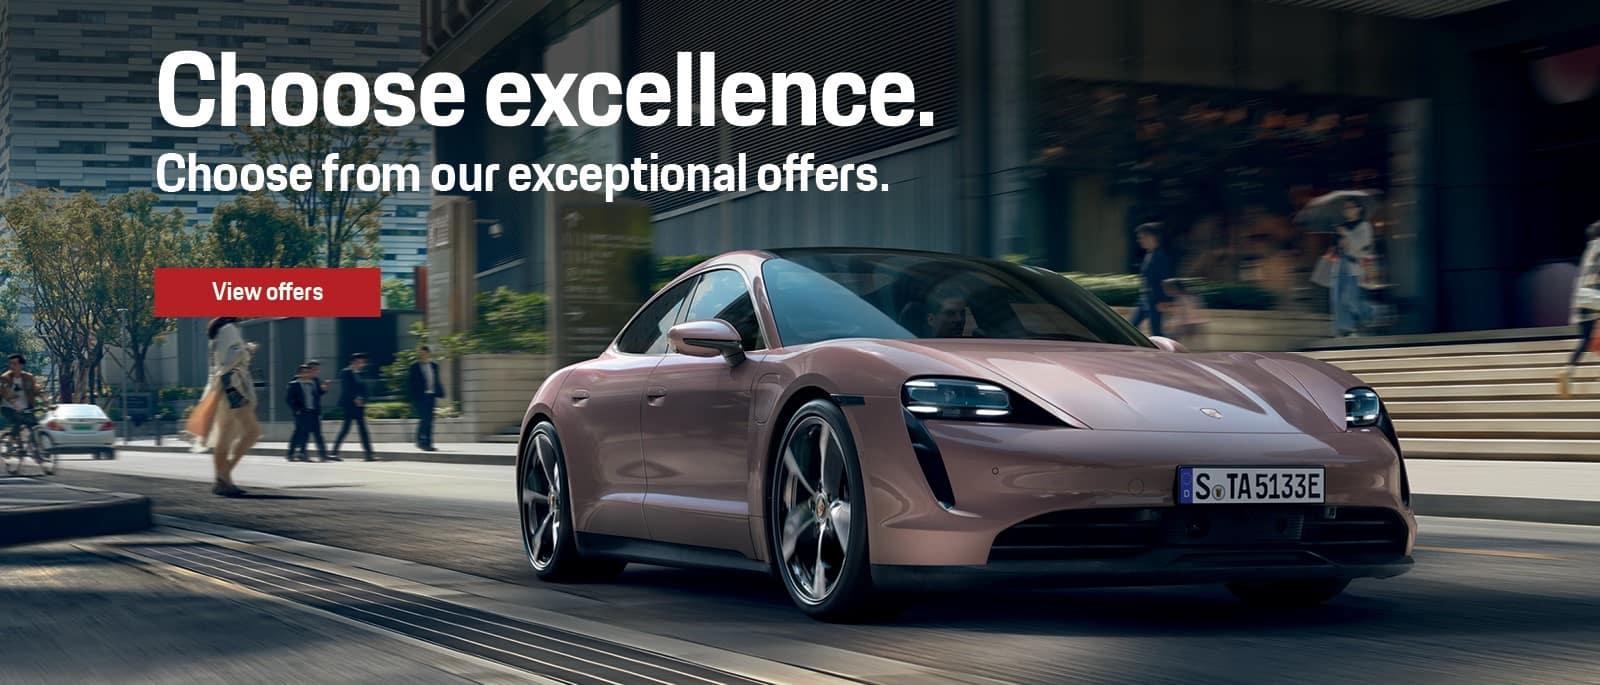 Porsche Choose Excellence_3.21